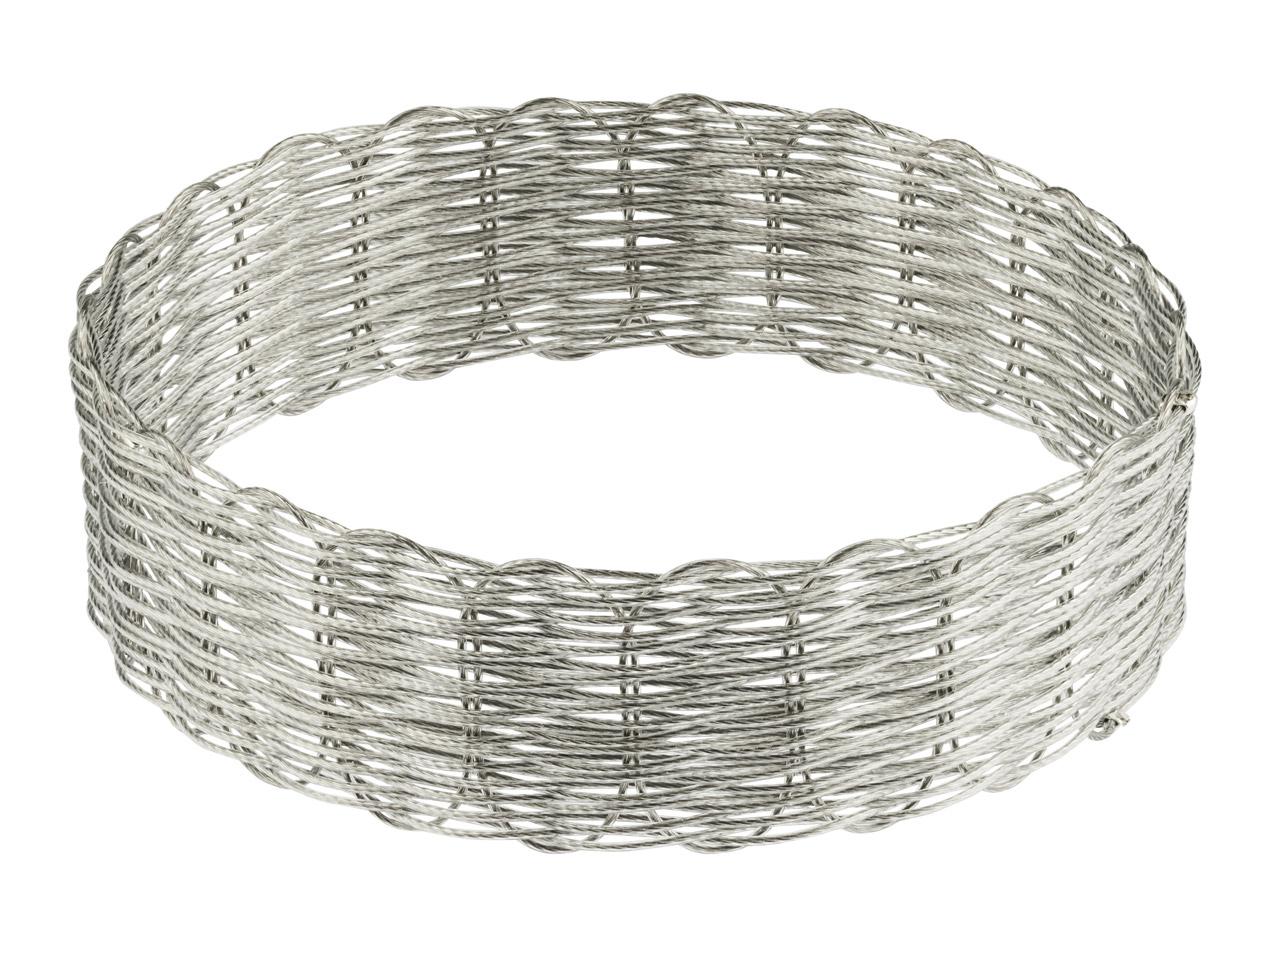 kit pour la fabrication de bracelets beadalon cookson. Black Bedroom Furniture Sets. Home Design Ideas